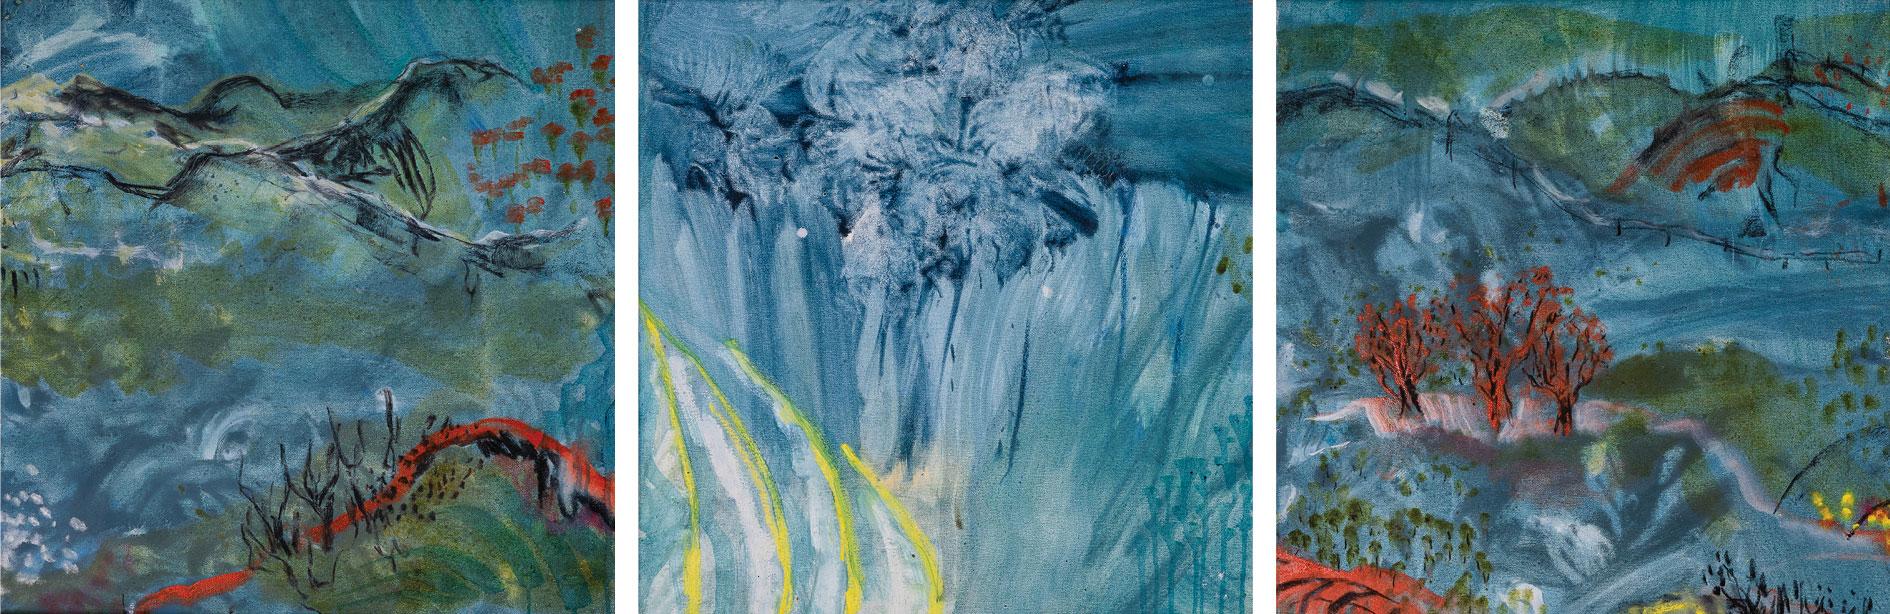 Smokey Gums Under Blanket Blue [series]